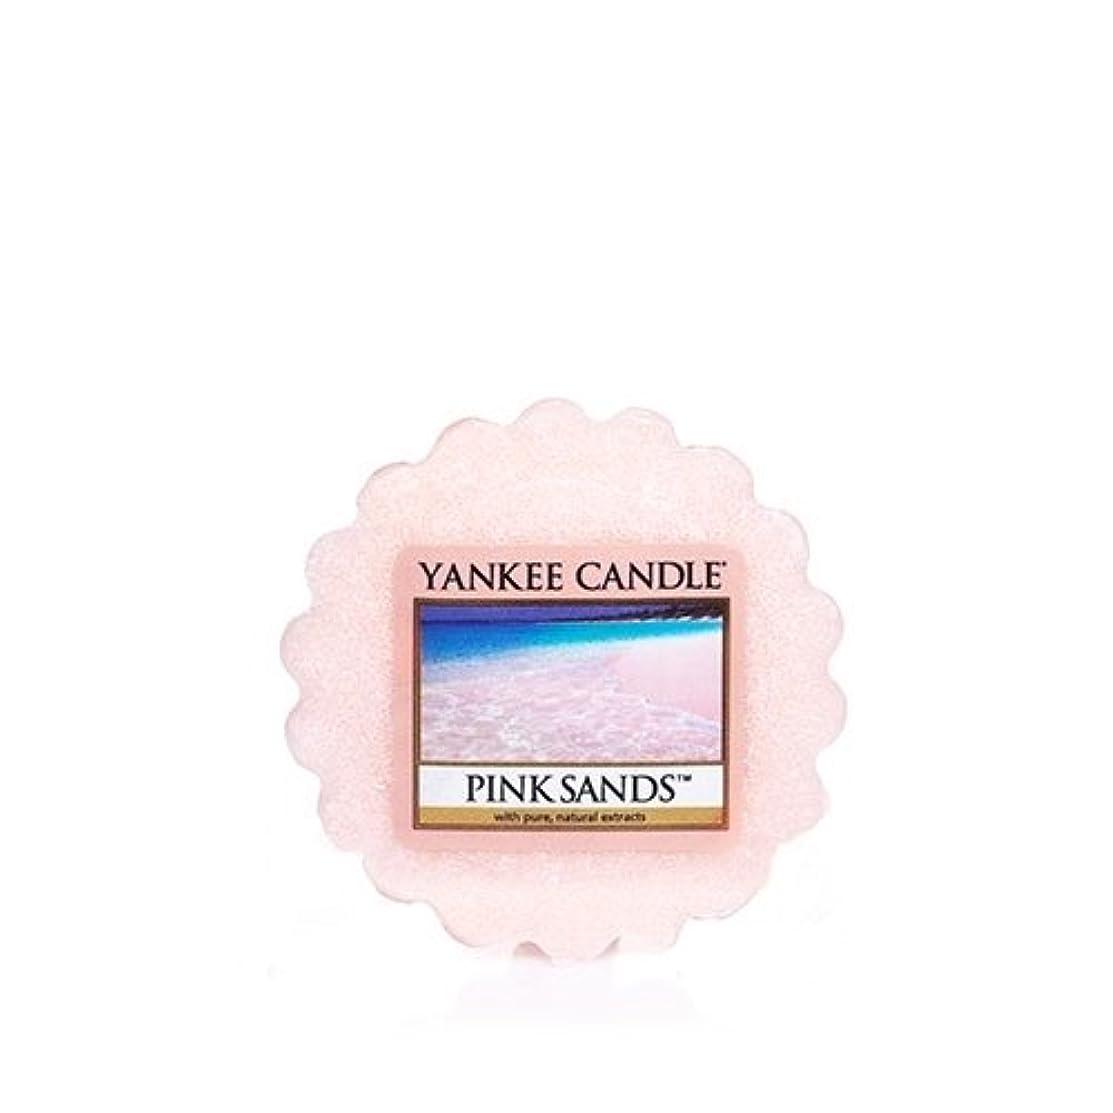 広告主印刷する人気の【YANKEE CANDLE/ヤンキーキャンドル】Tarts® Wax Melts タルト ワックスポプリ ワックスメルト Pink Sands ピンクサンド 0.8oz (22g)